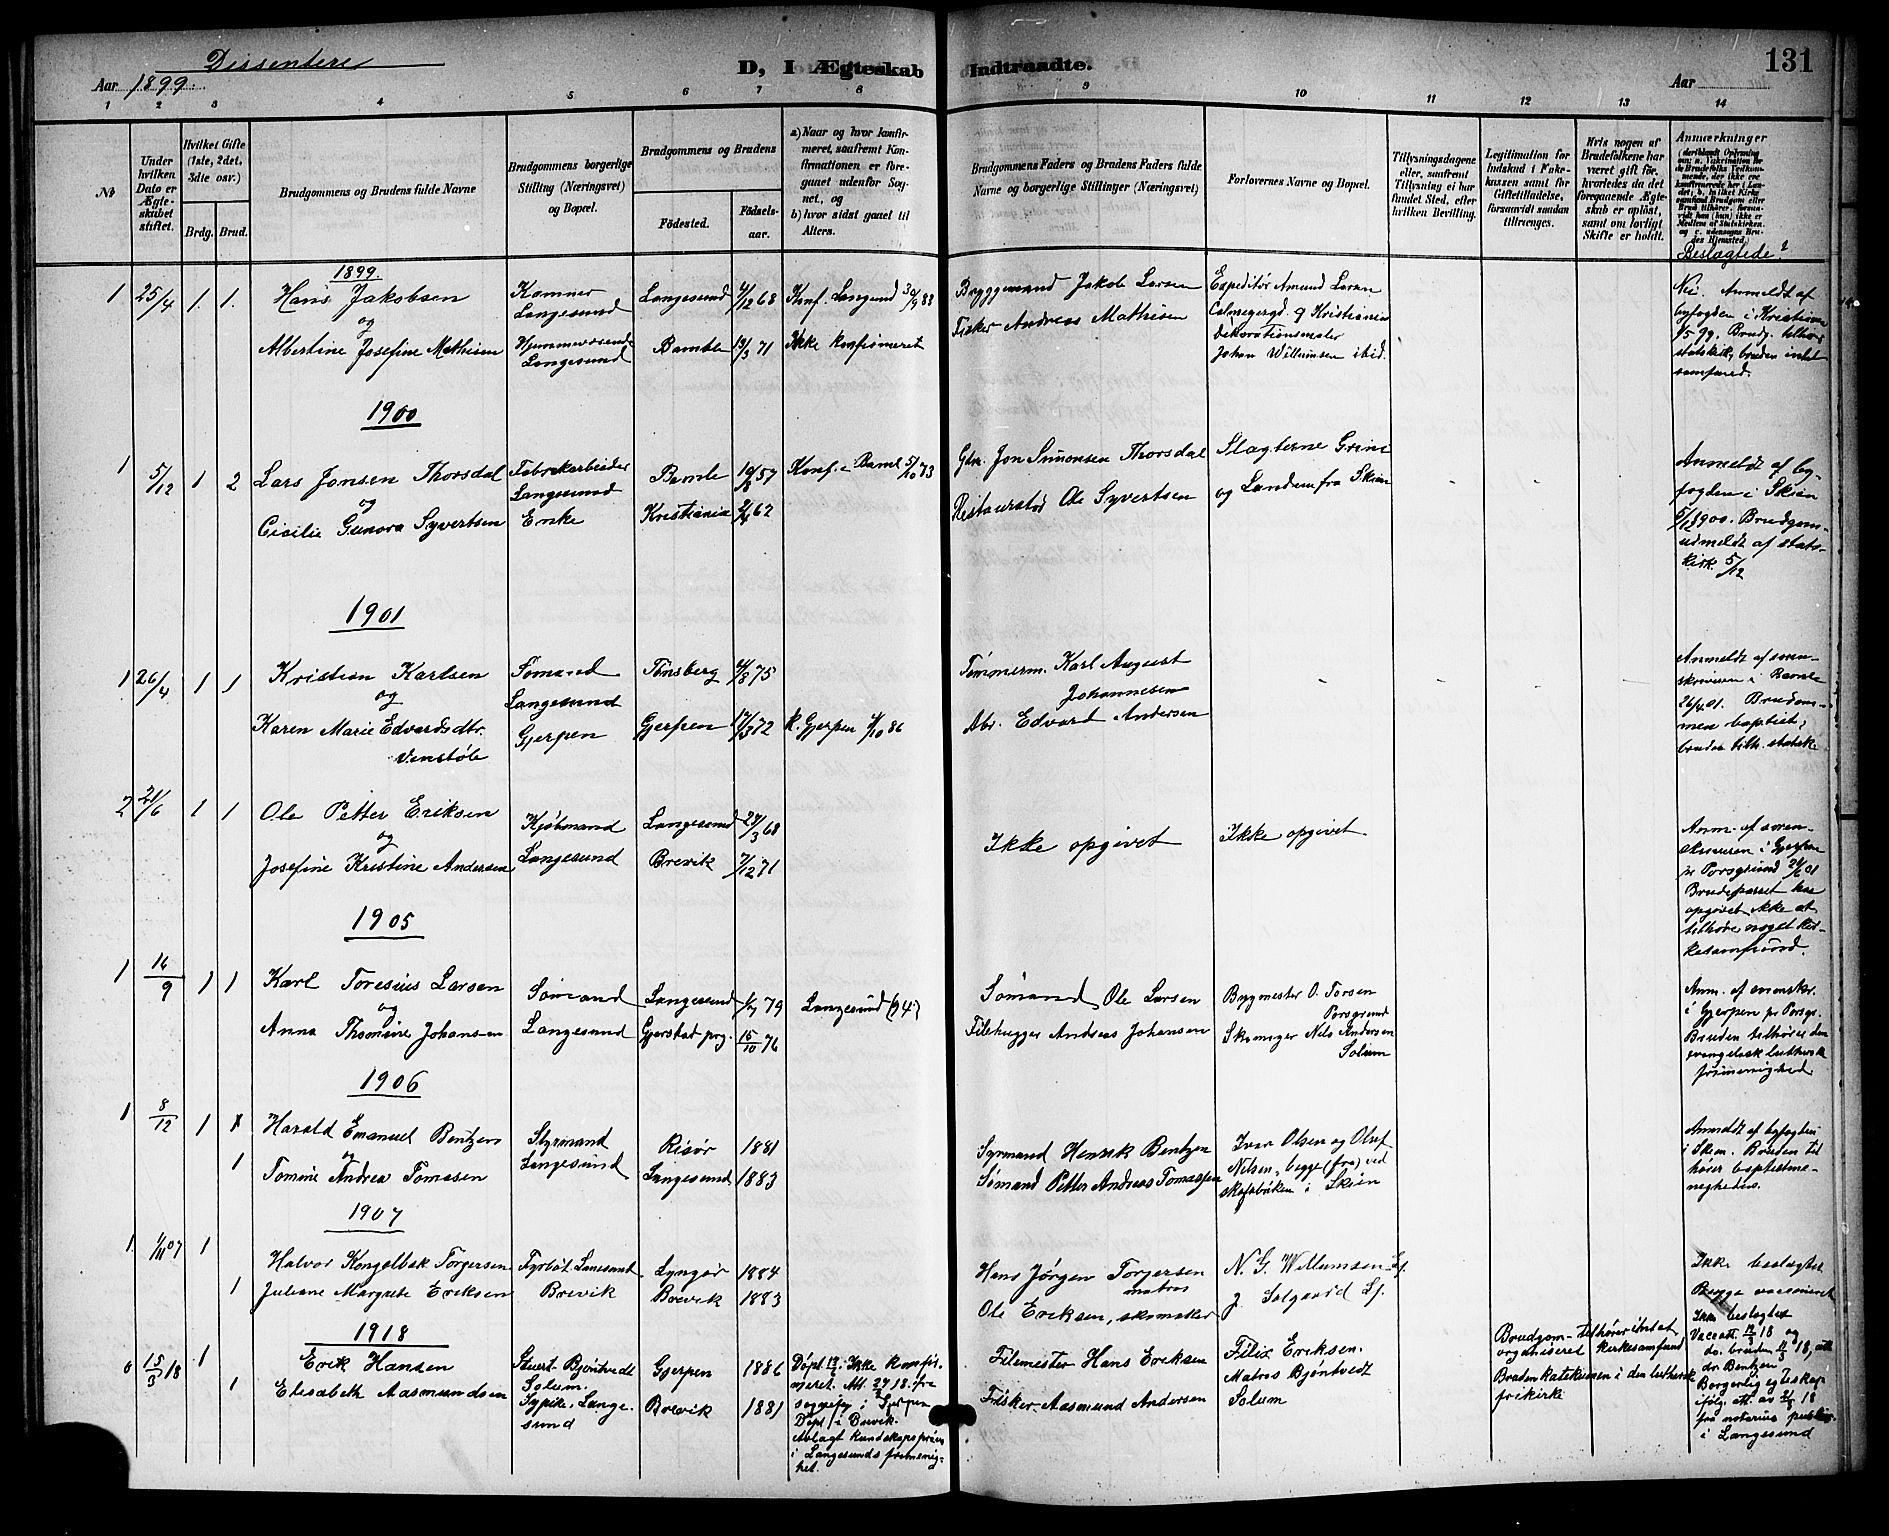 SAKO, Langesund kirkebøker, G/Ga/L0006: Klokkerbok nr. 6, 1899-1918, s. 131